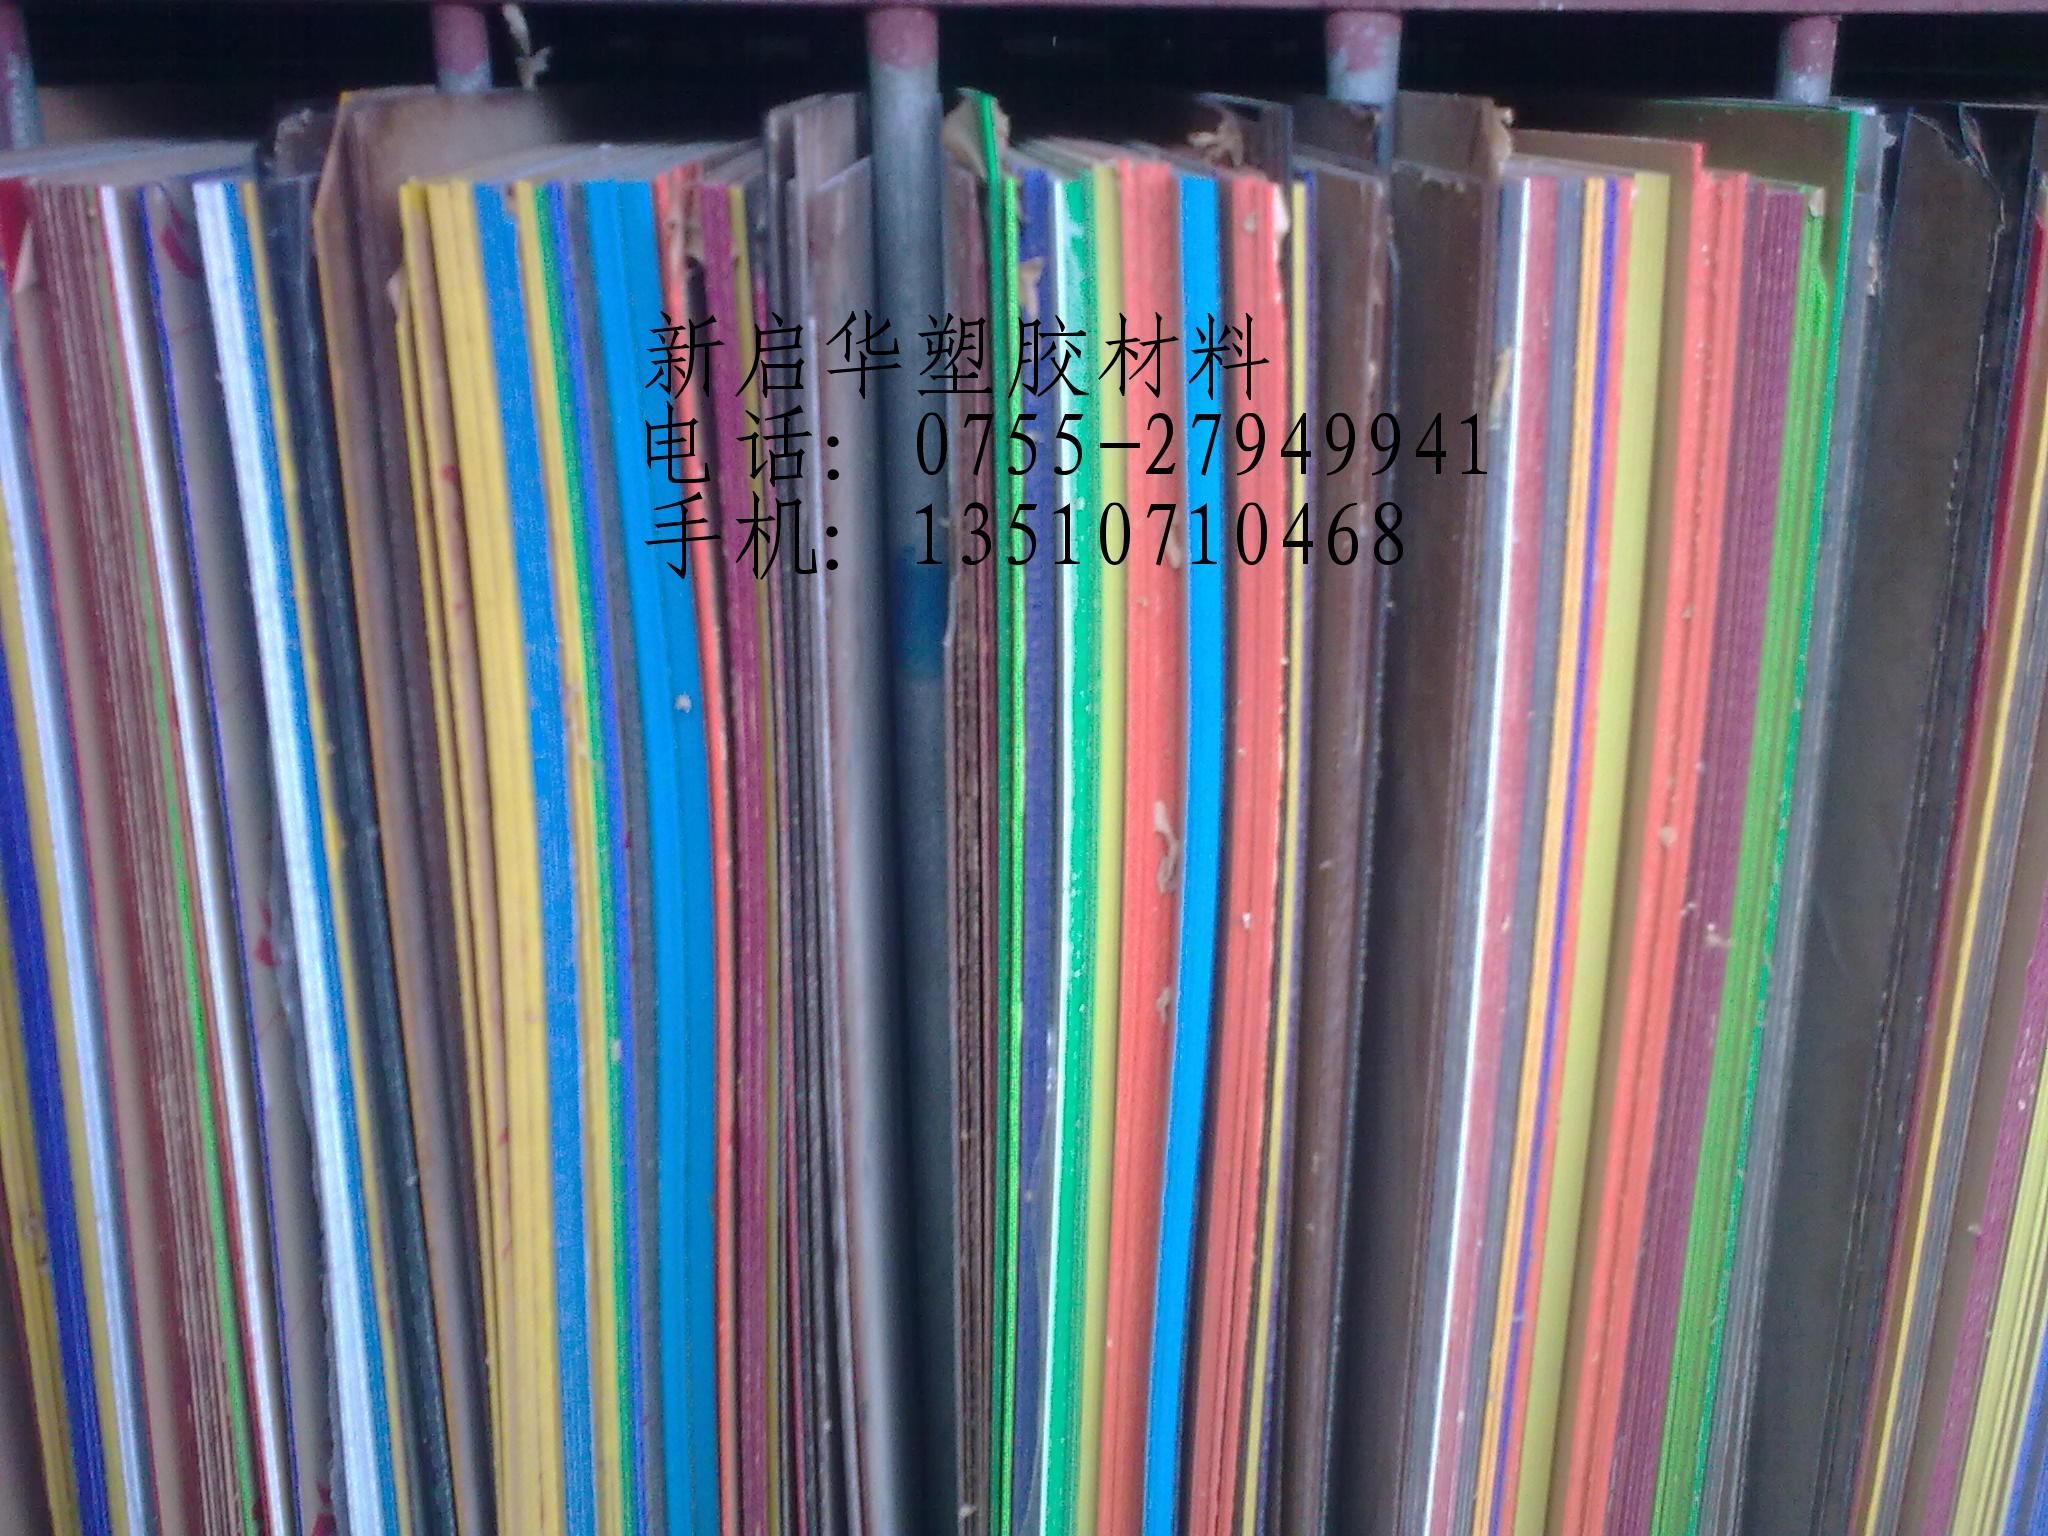 绿色亚克力_红色亚克力板,绿色亚克力板,白色亚克力板 - [塑料板,塑料板 ...